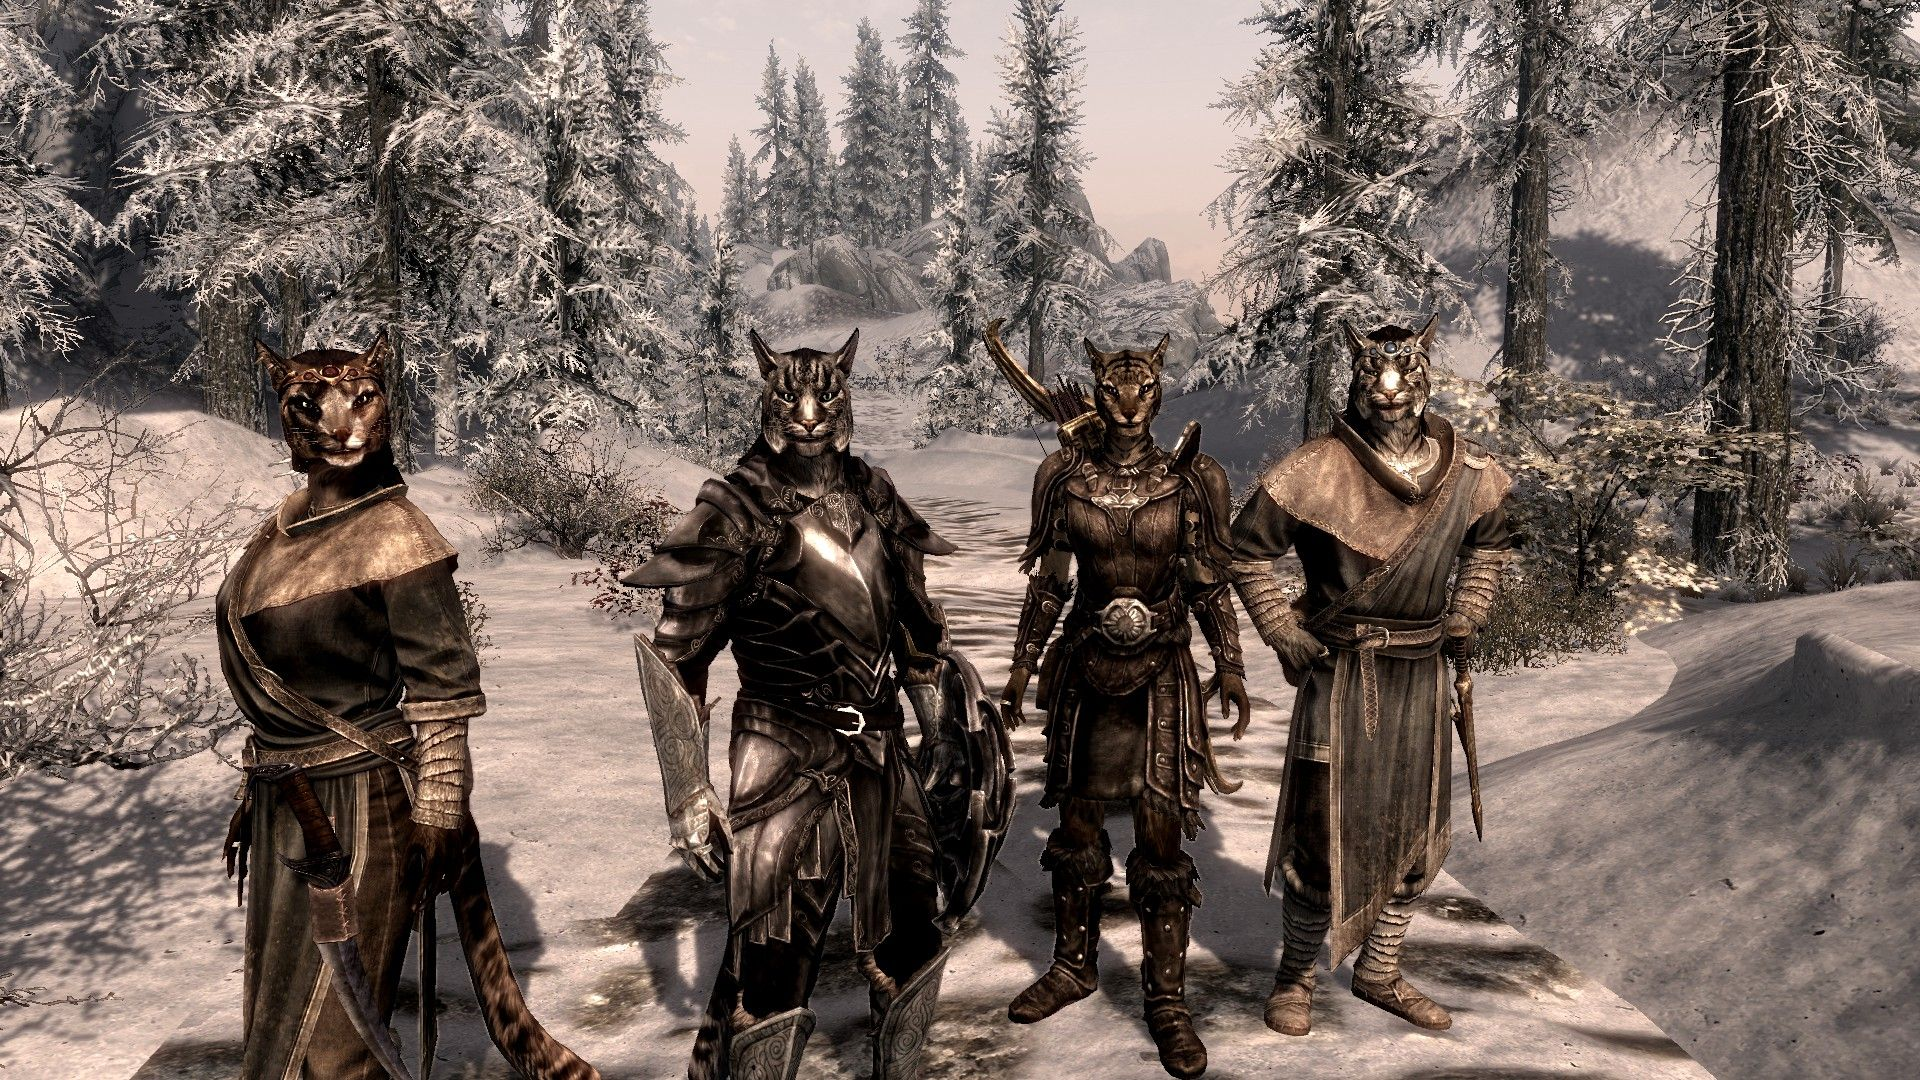 Khajiit caravan | Skyrim, Elder scrolls, Dark brotherhood